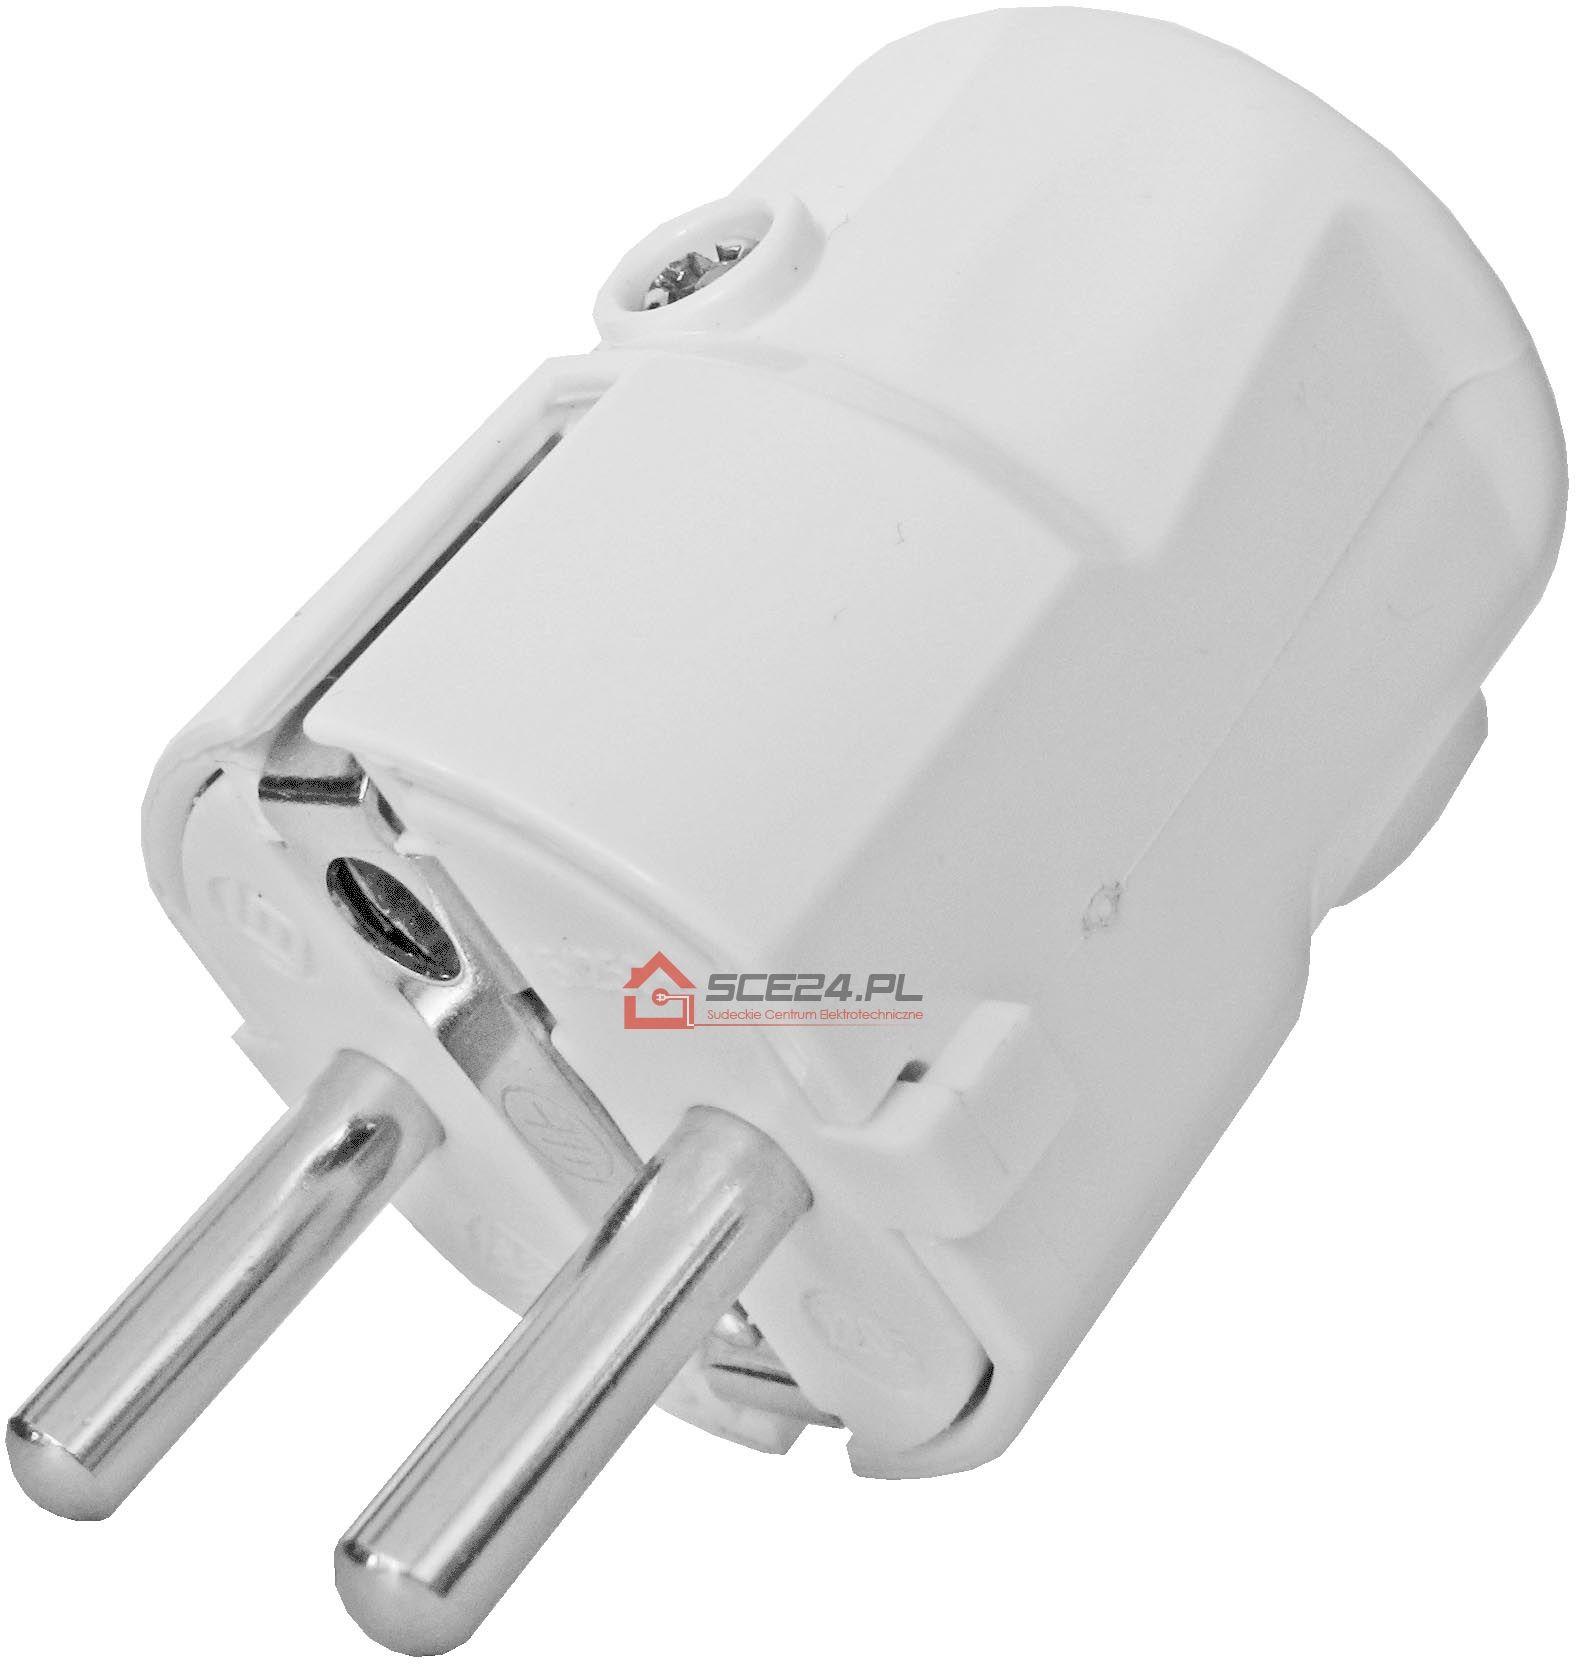 Wtyczka kątowa biała 230V unischuko